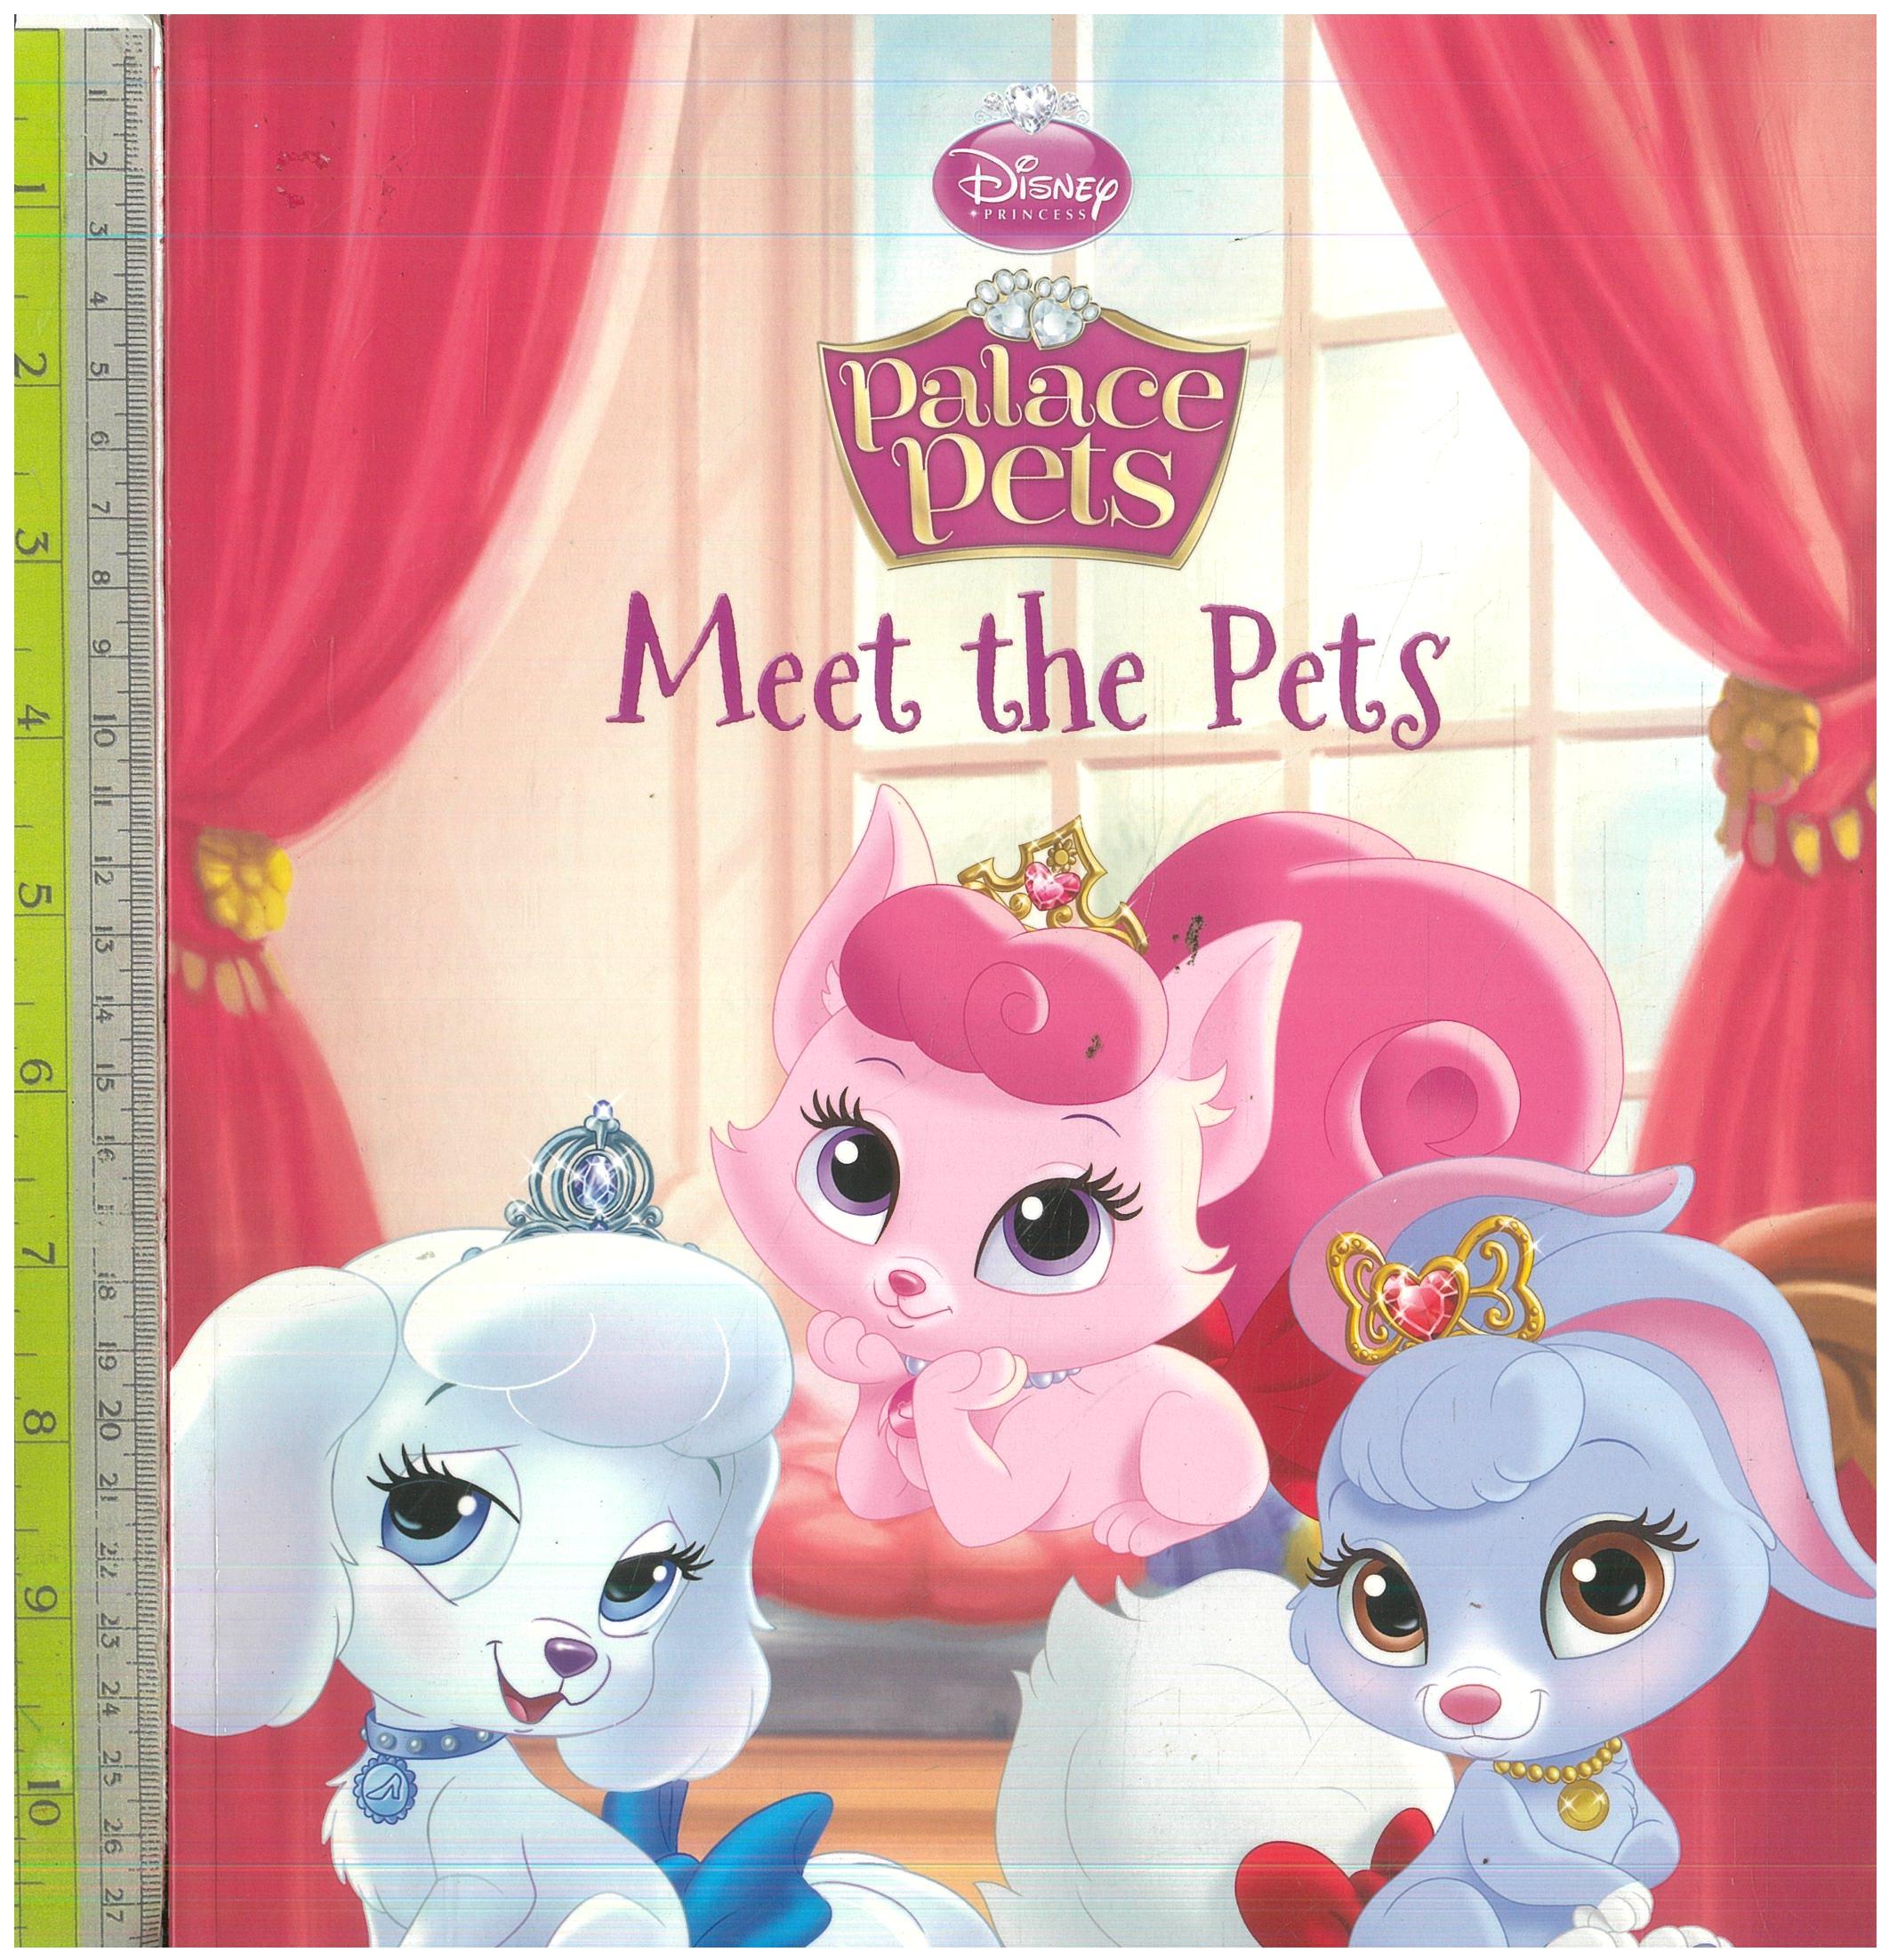 Meet the Pets